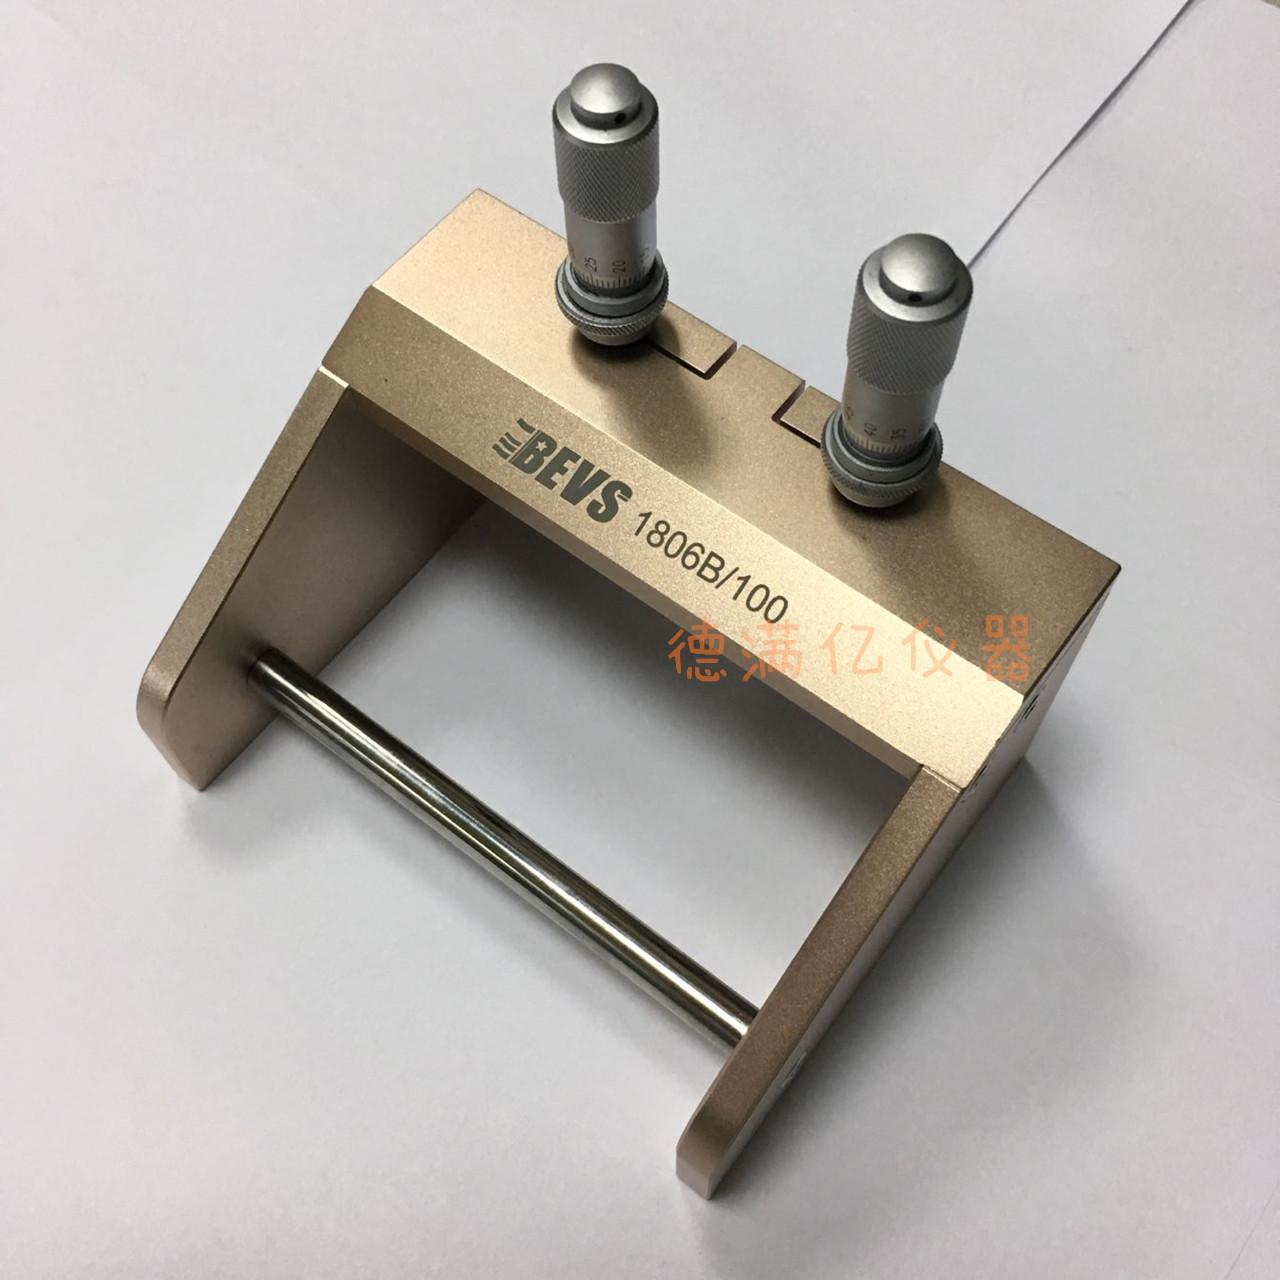 可调涂布器BEVS1806-100B